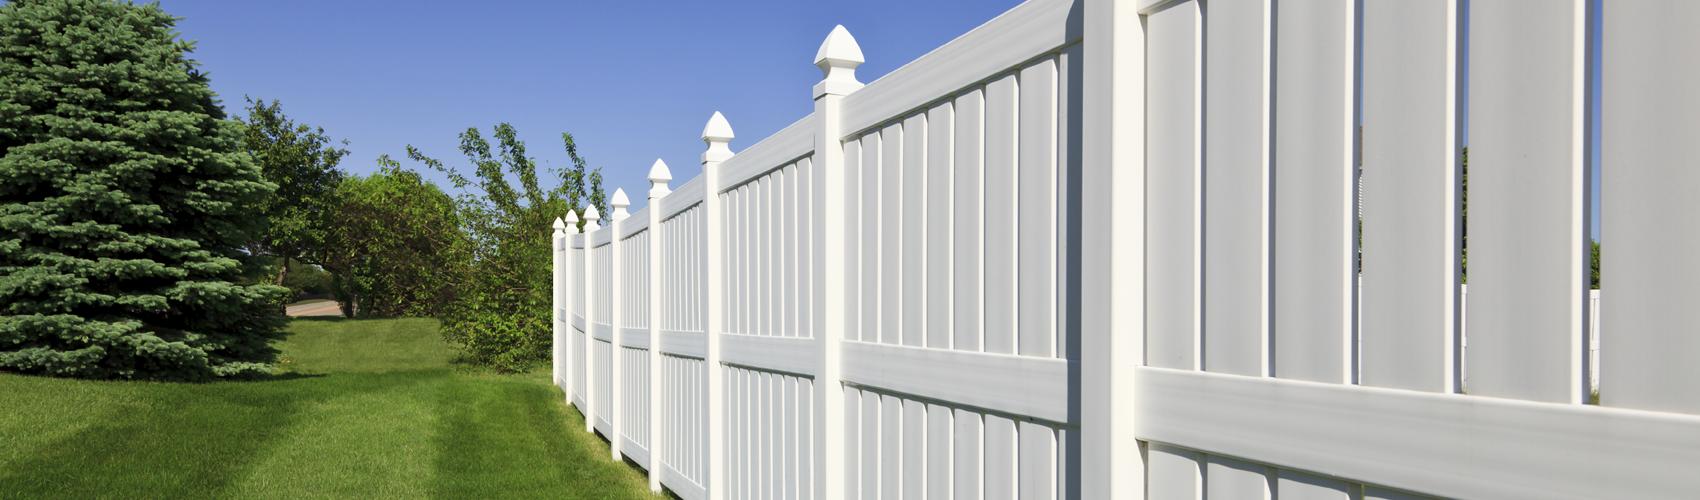 vinyl-fence-slide